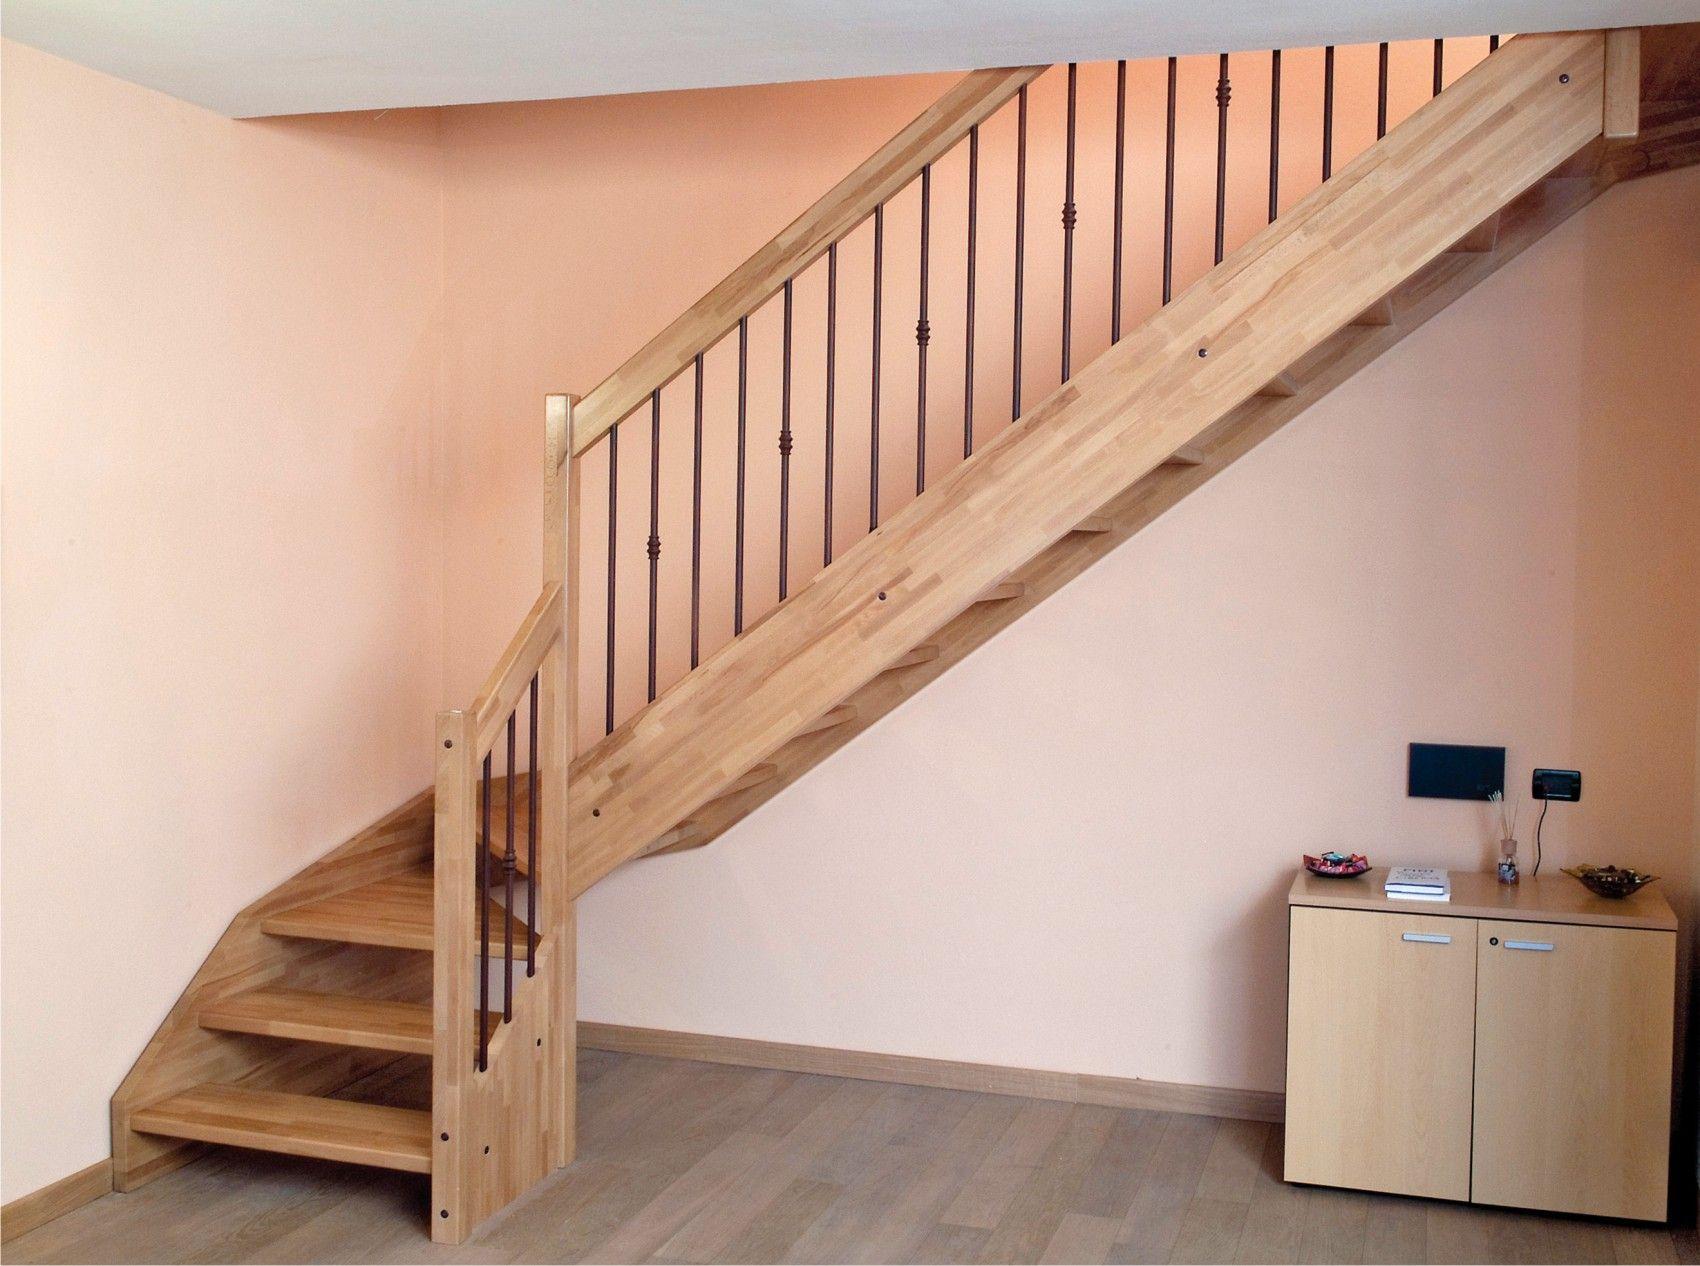 escalier quart tournant en bois avec garde corps acier. Black Bedroom Furniture Sets. Home Design Ideas